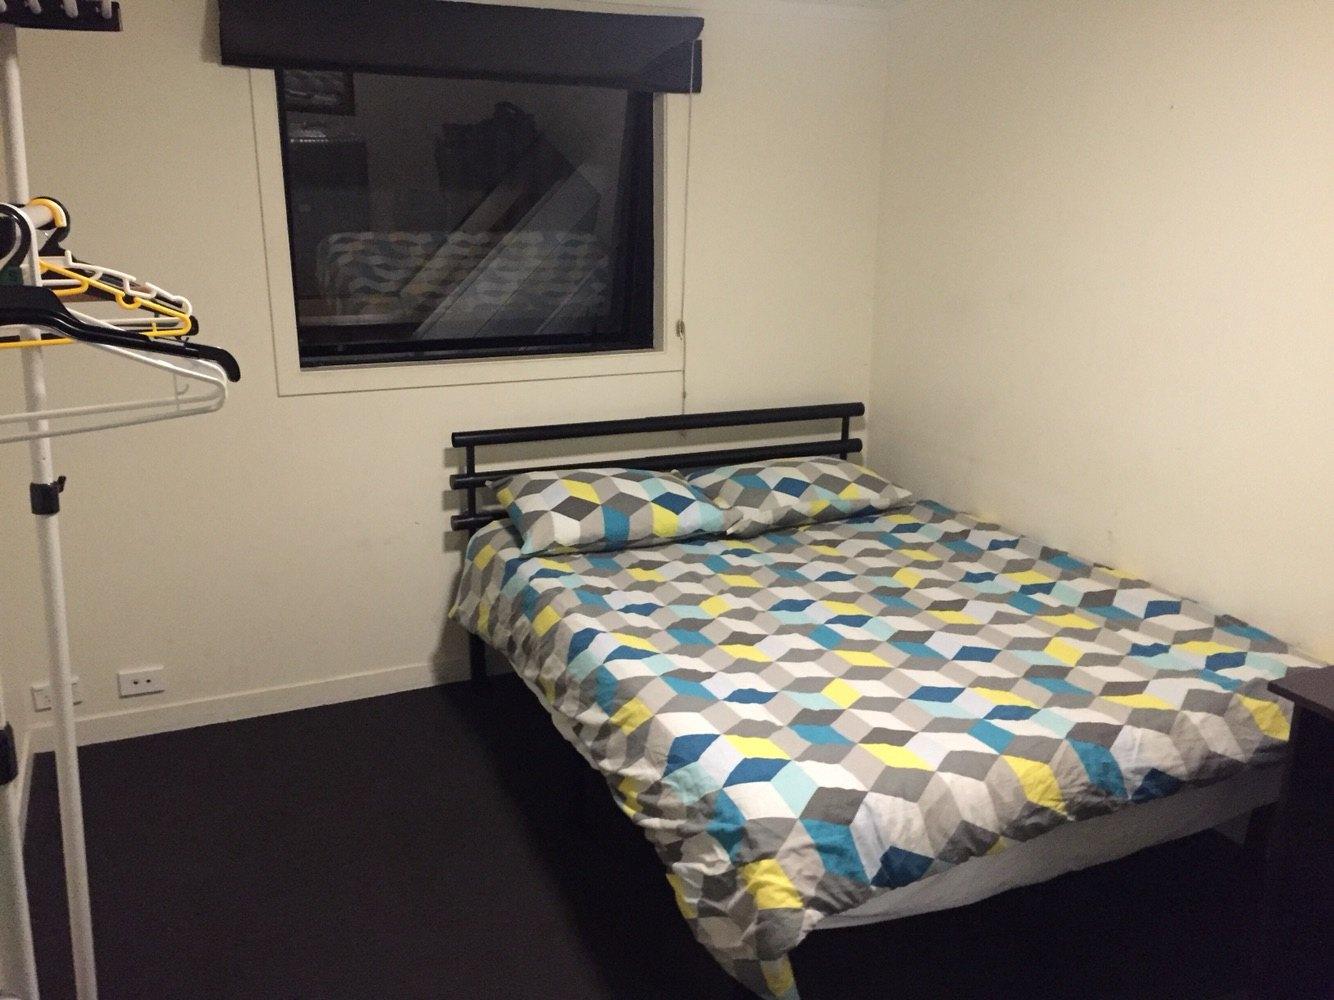 背景墙 房间 家居 设计 卧室 卧室装修 现代 装修 1334_1000